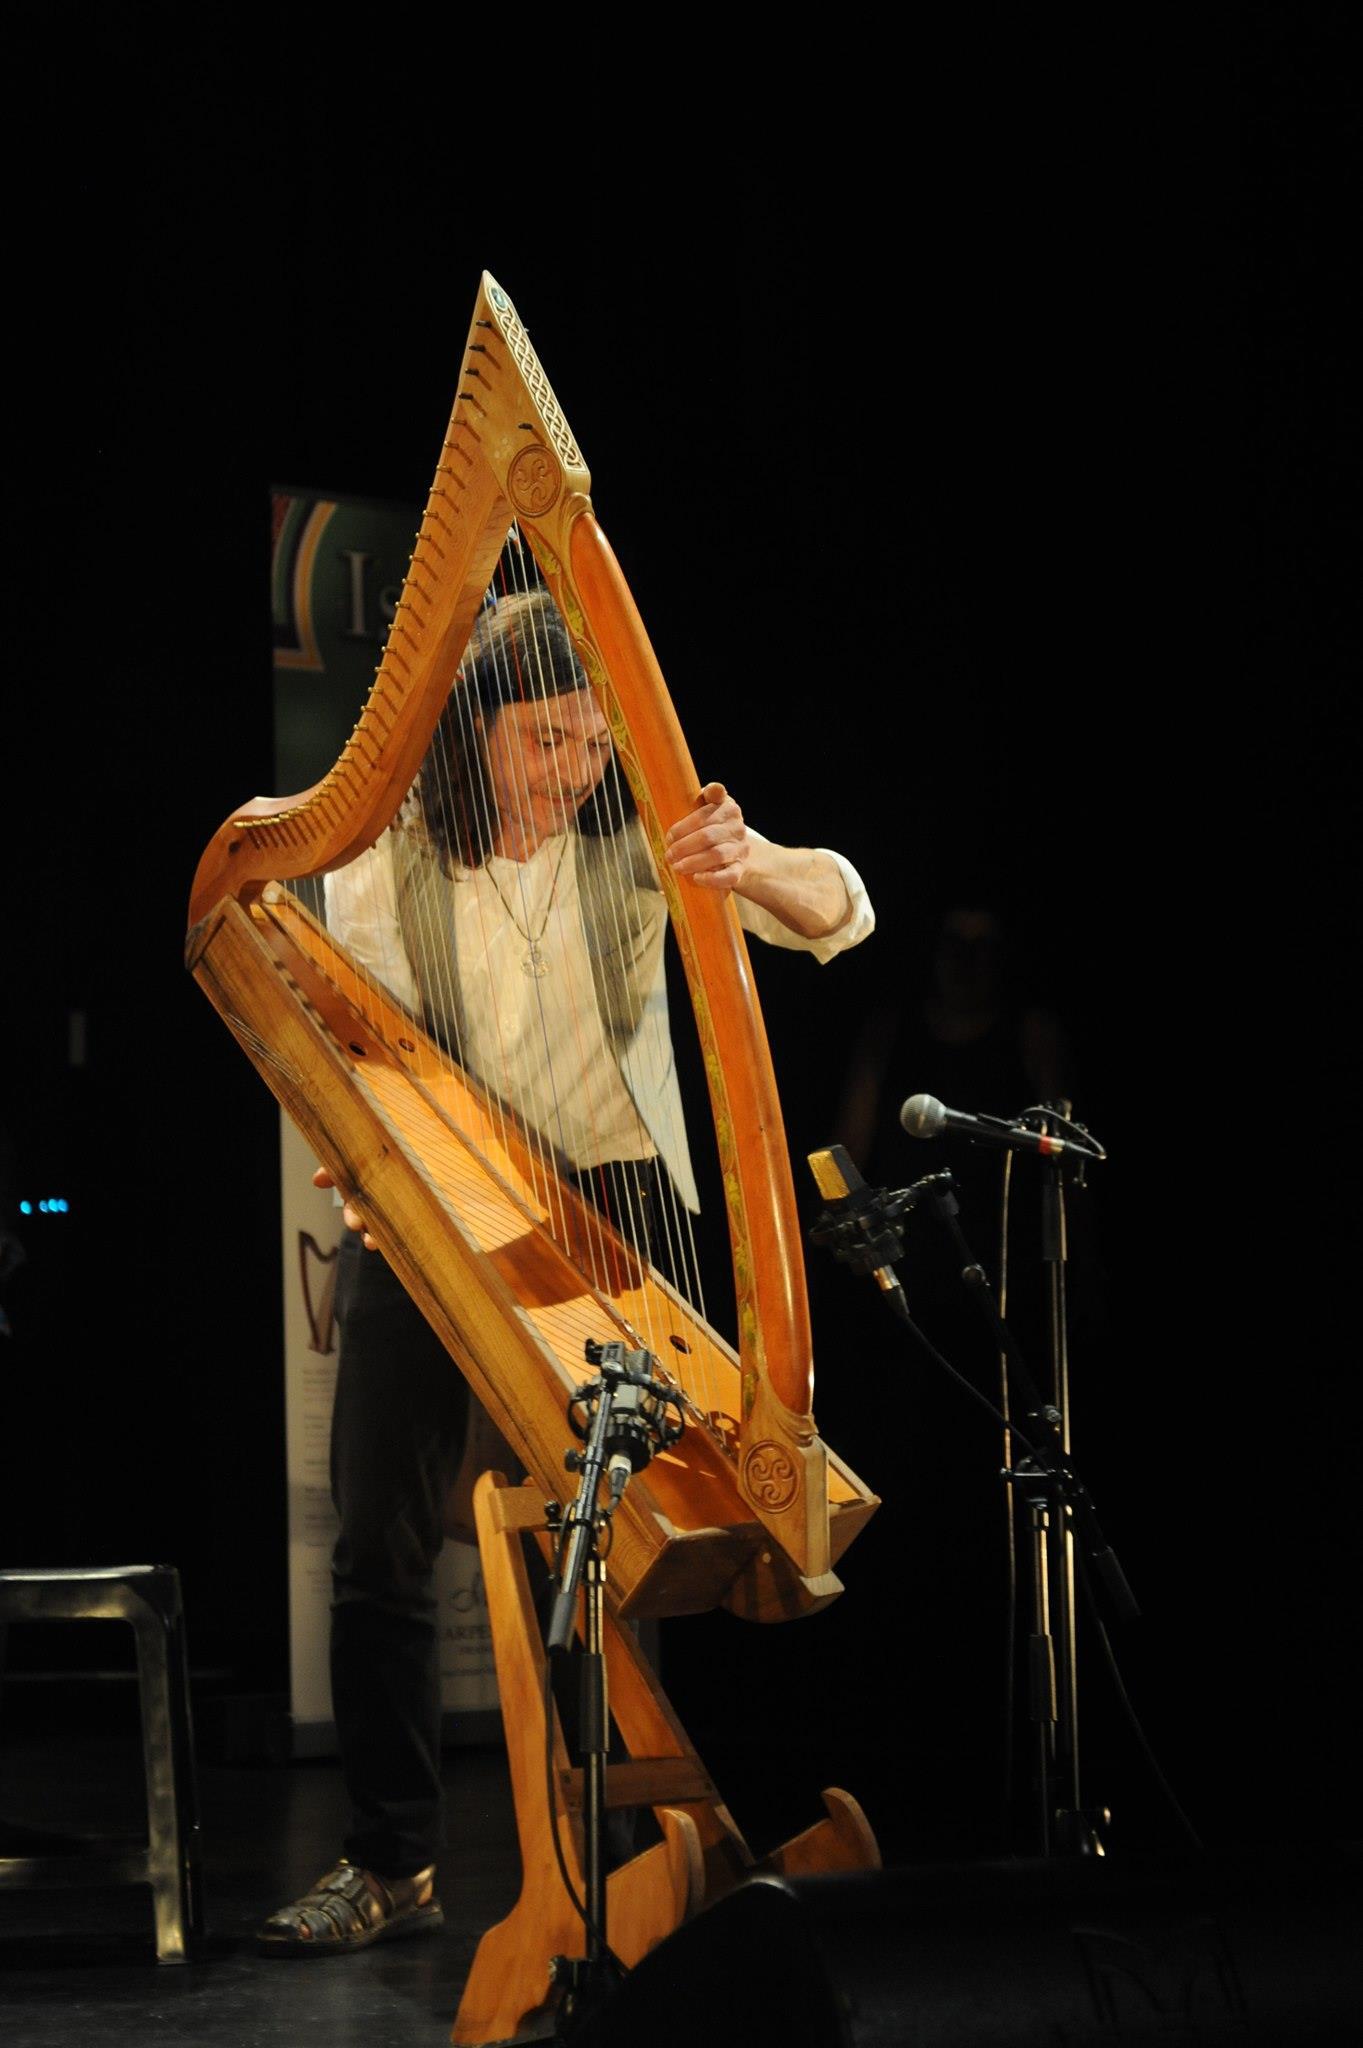 Christophe GUILLEMOT en concert avec la harpe celtique qu'il a fabriqué